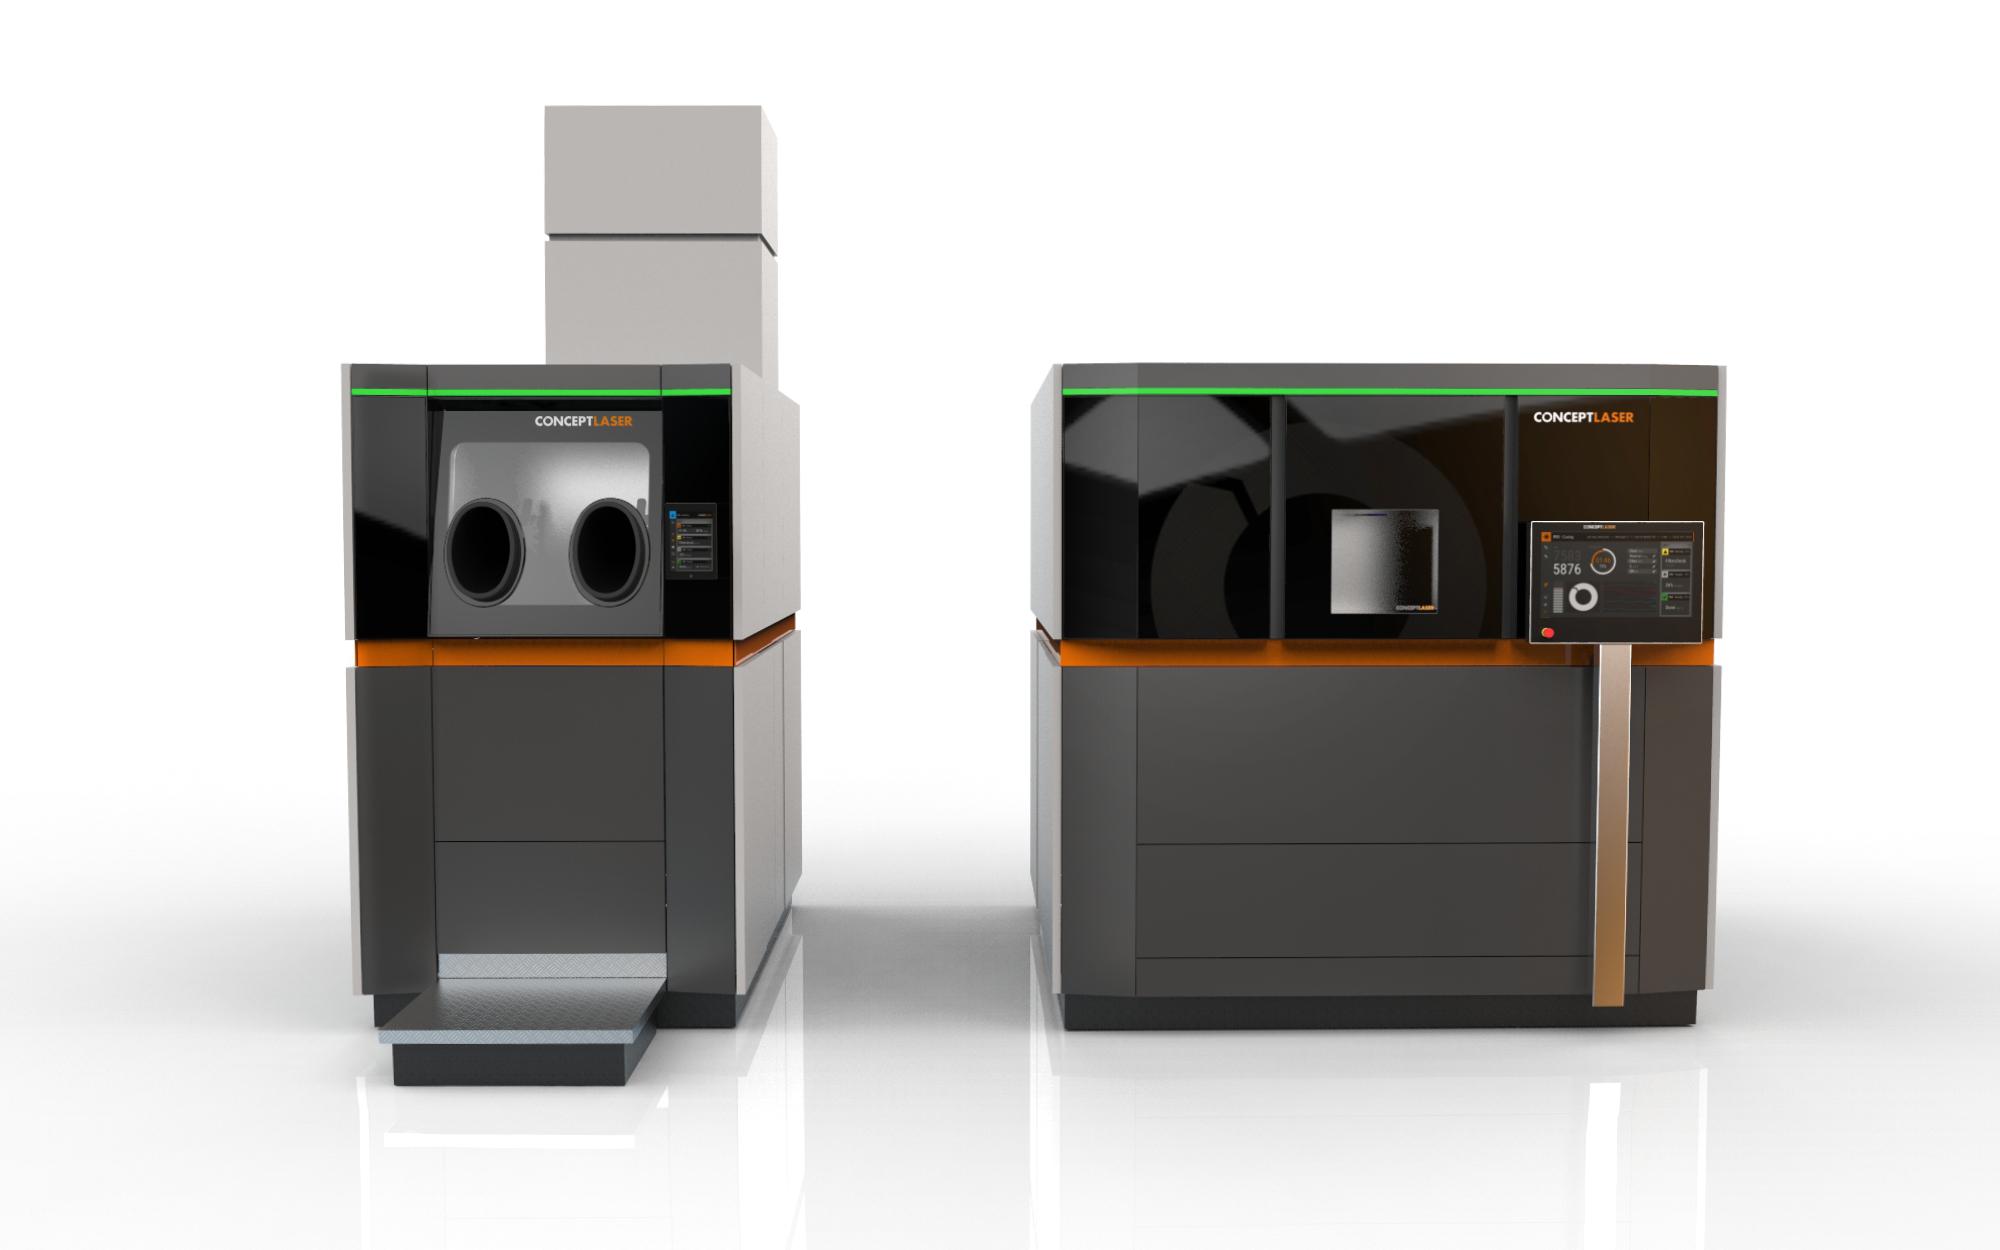 Basisgedanke der neuen Anlagen-Architektur von Concept Laser: Entkoppelung von Handling- und Prozesseinheit. Bild: Concept Laser